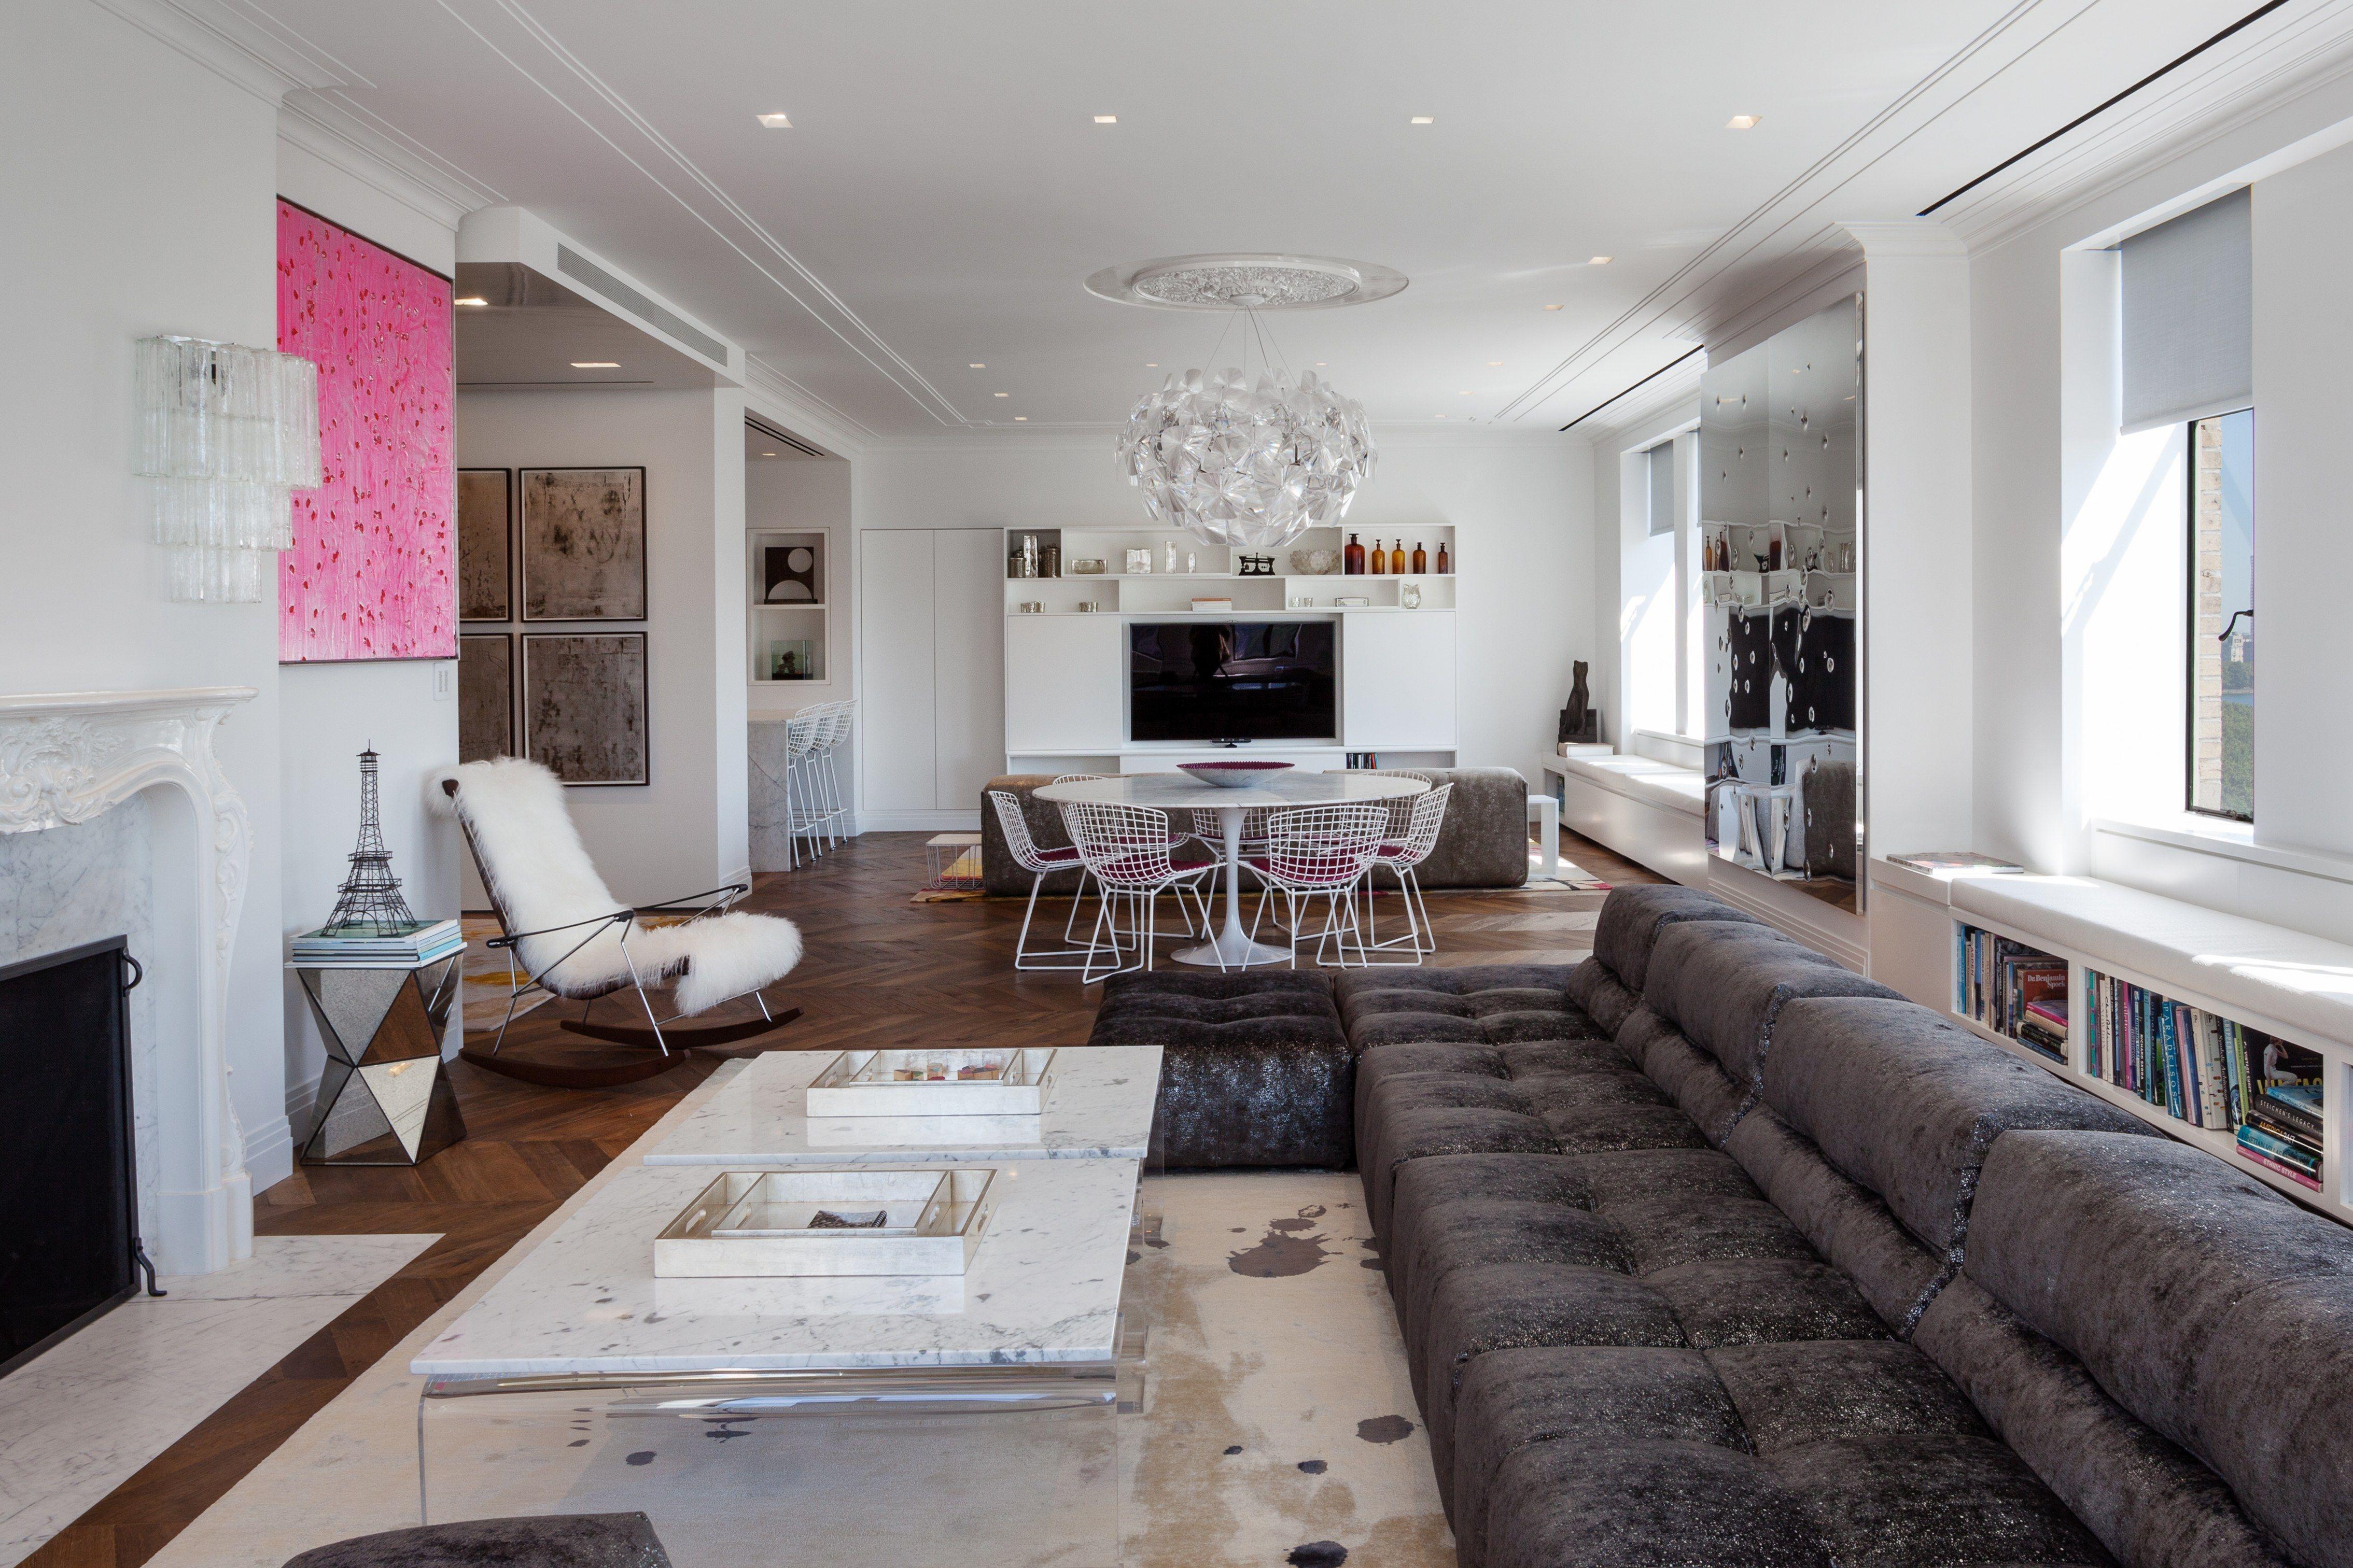 Marc Murphy and Pamela Schein Murphyu0027s Upper West Side Apartment Is a New  York Stunner